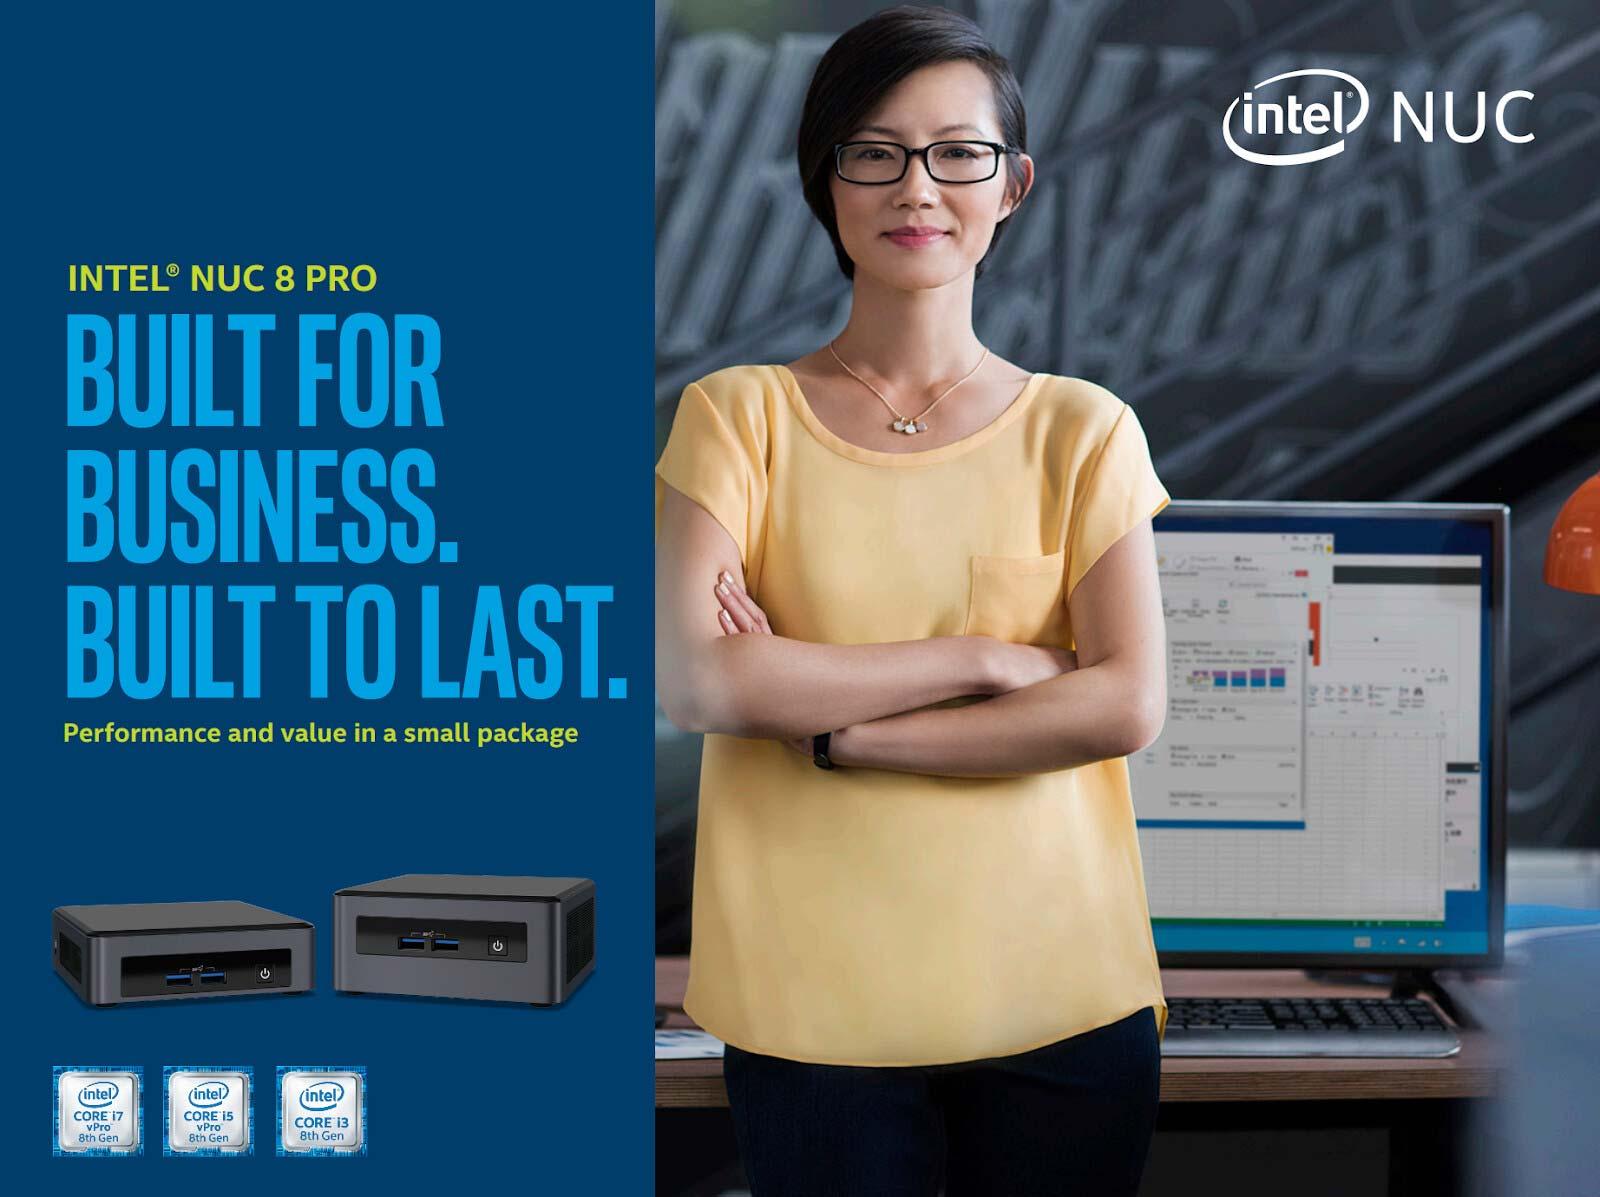 شرکت اینتل، NUC 8 Pro را برای کسب و کارها عرضه کرد